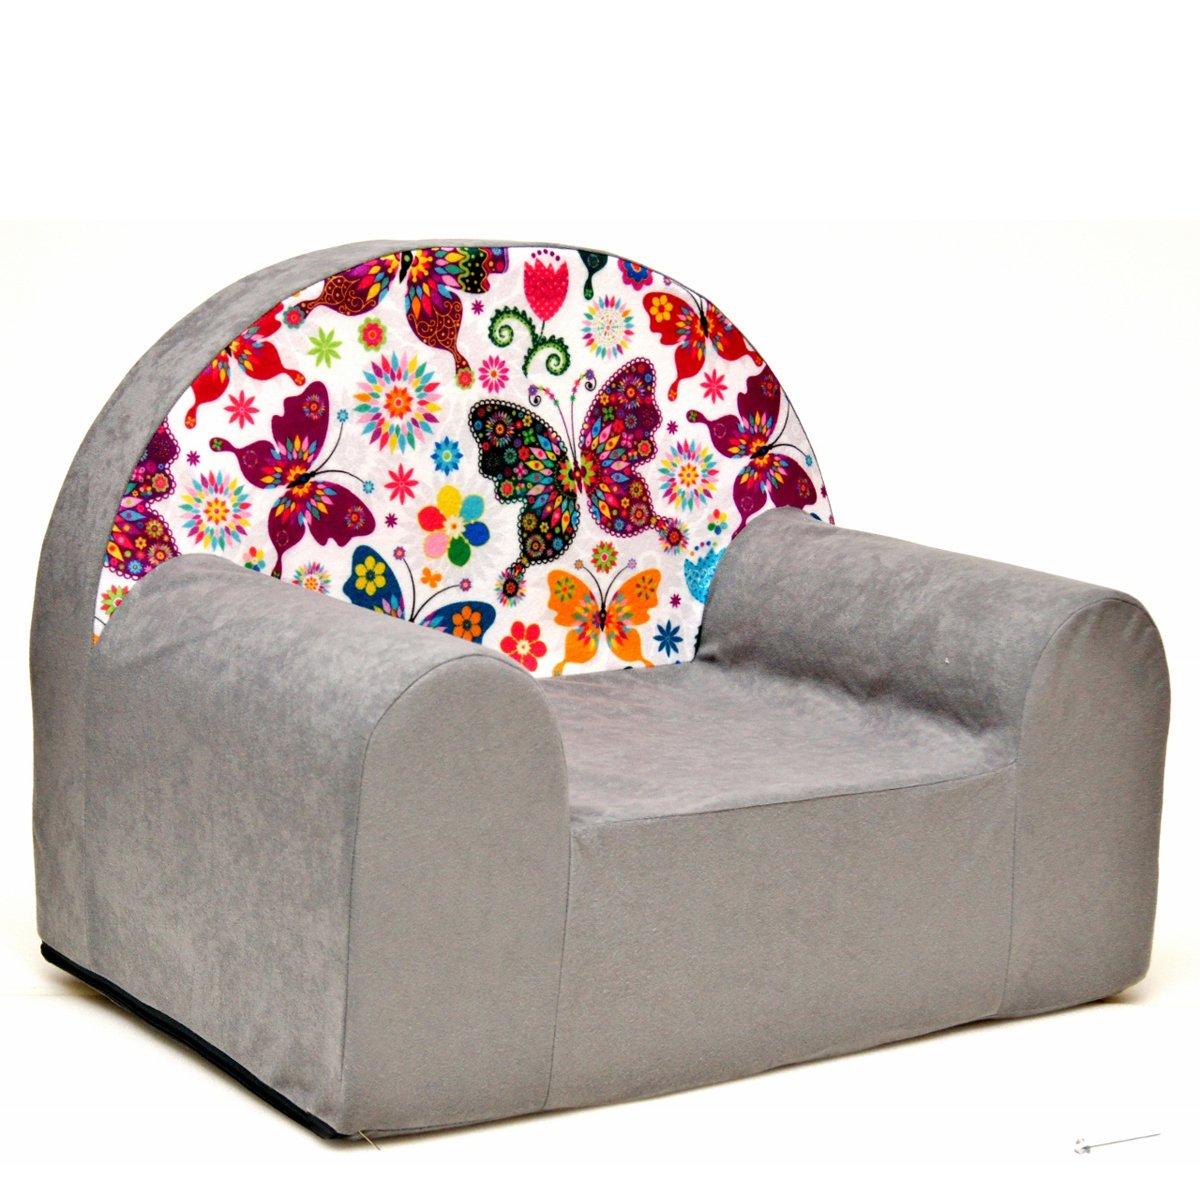 welox A33Canapé Fauteuil Fauteuil enfants Enfants Enfants Fauteuil relax doux confortable couleurs assorties